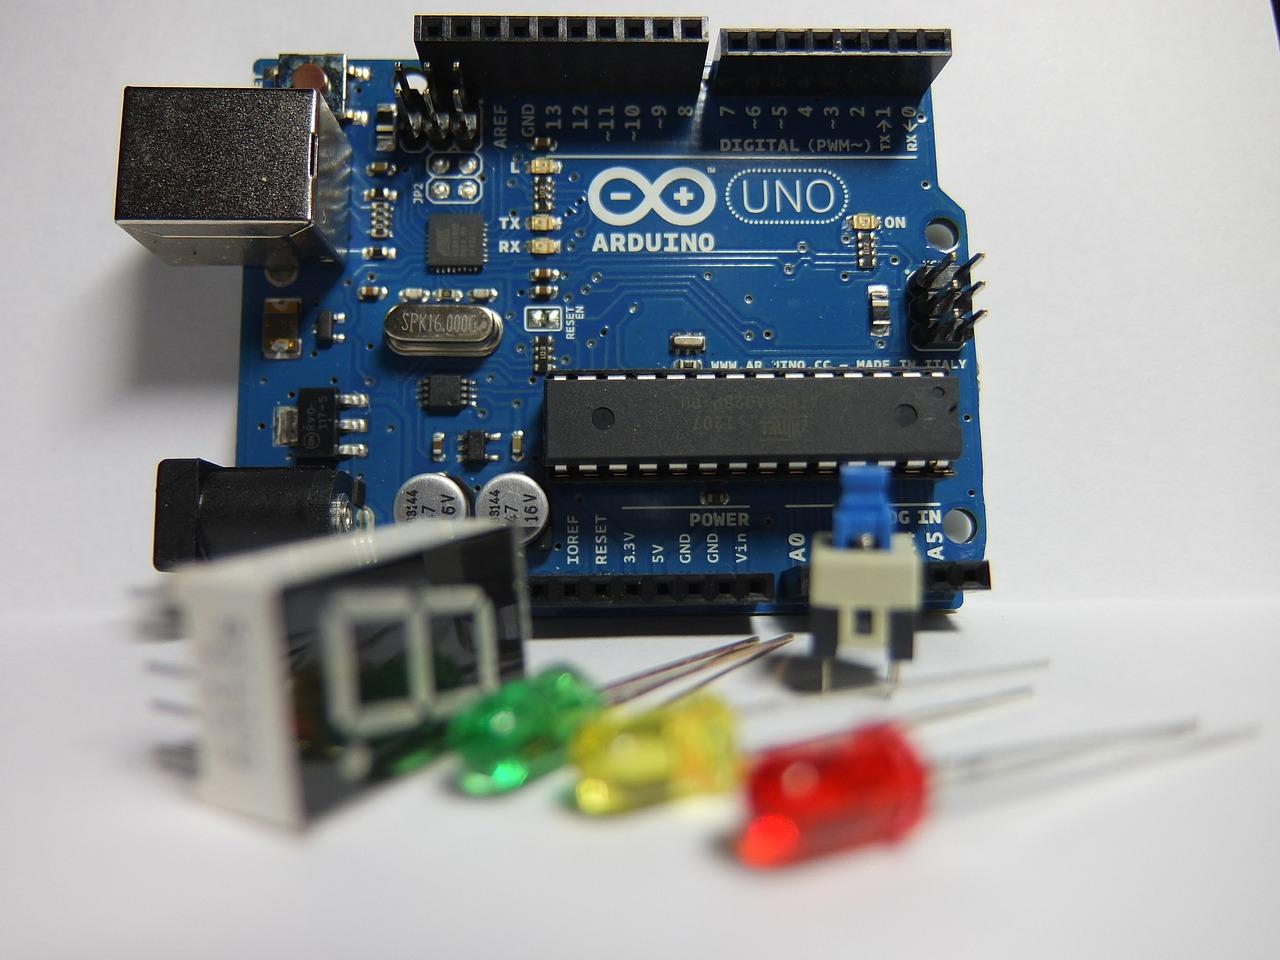 arduino uno e alcuni led e display sette segmenti per i primi passi con arduino